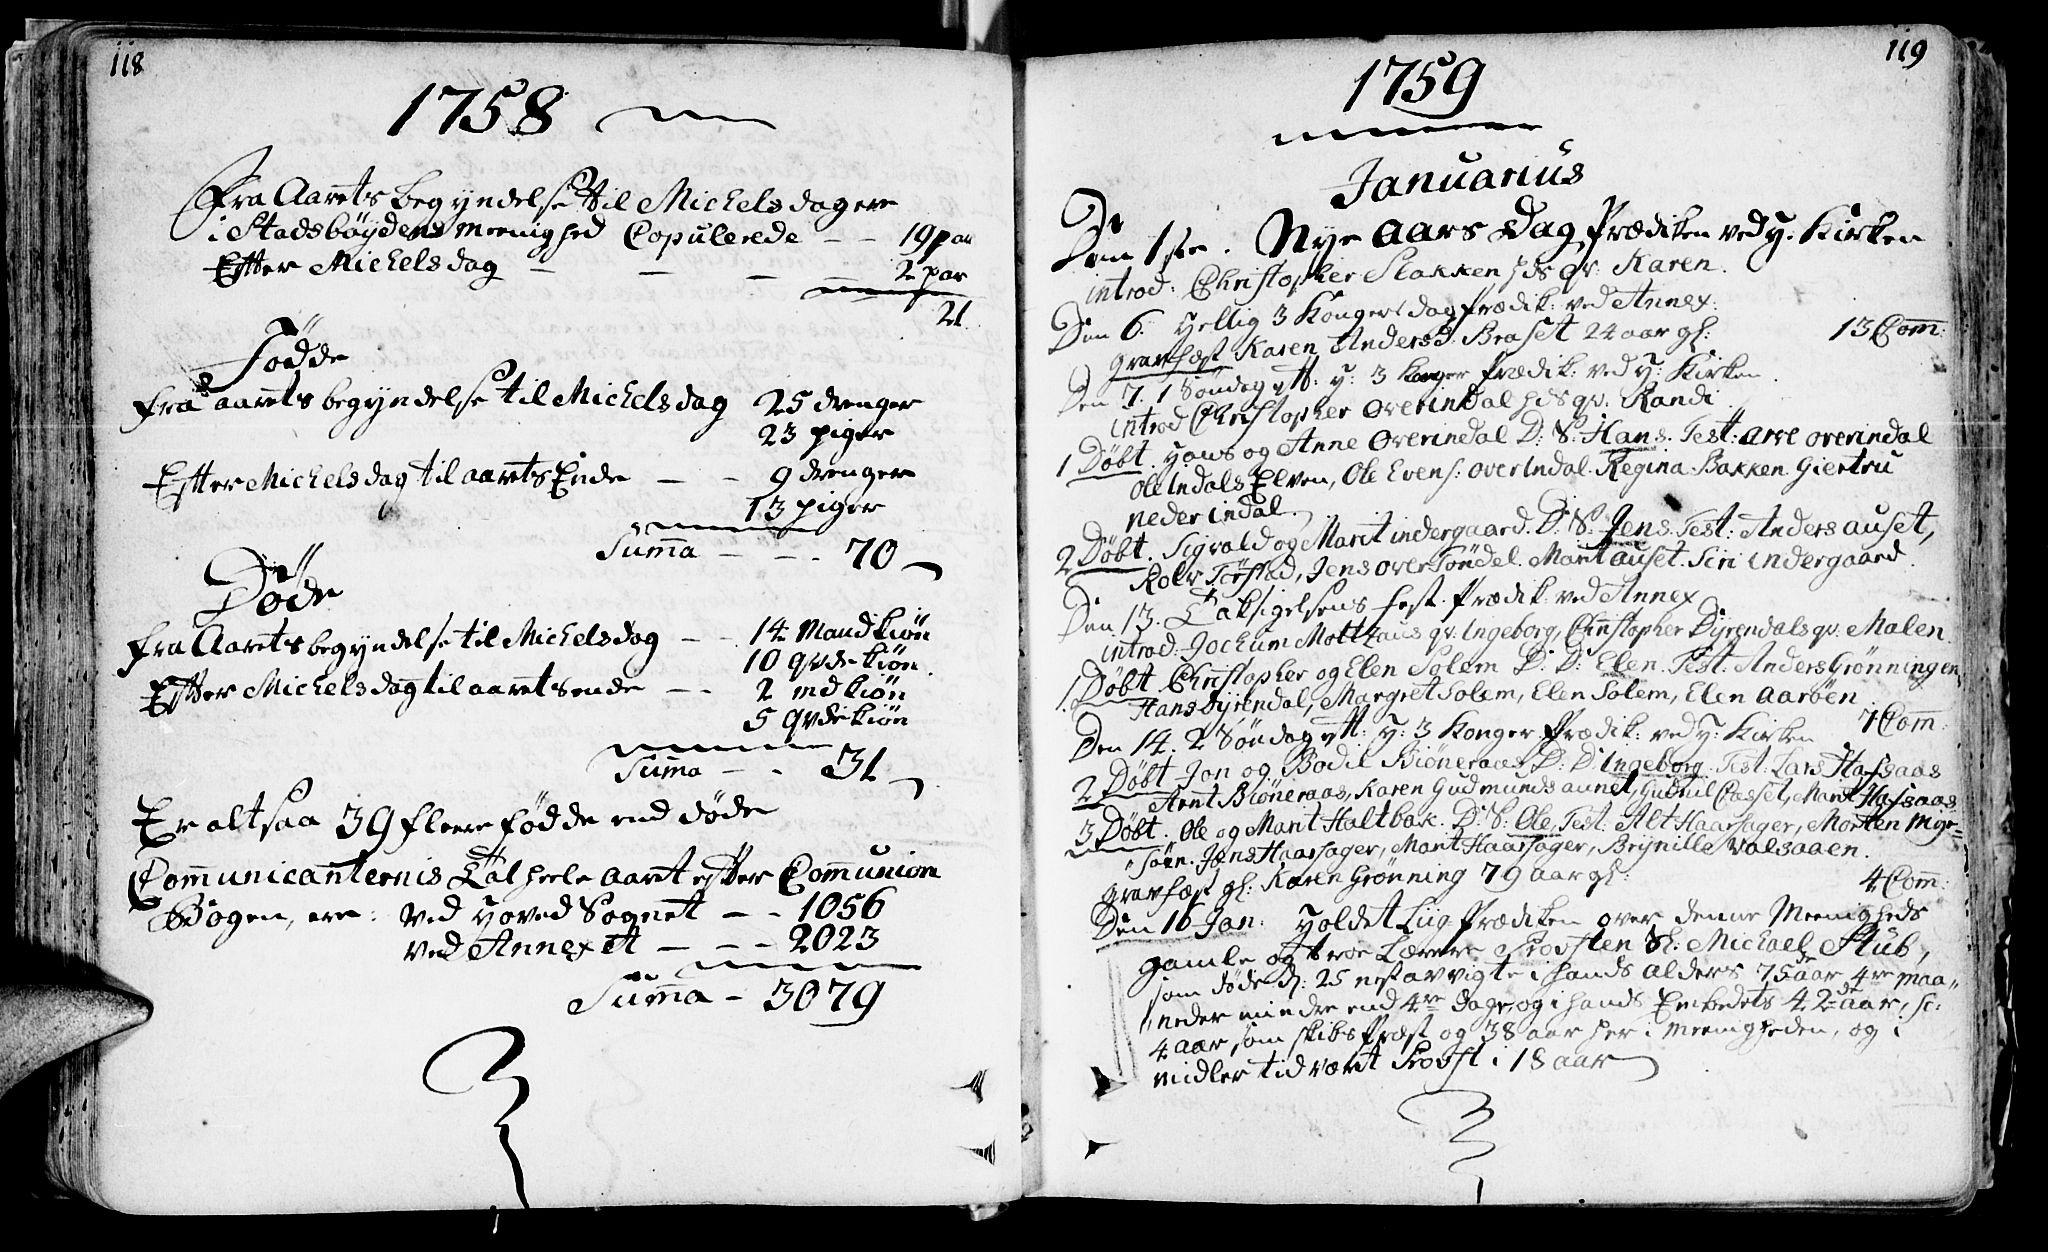 SAT, Ministerialprotokoller, klokkerbøker og fødselsregistre - Sør-Trøndelag, 646/L0605: Ministerialbok nr. 646A03, 1751-1790, s. 118-119